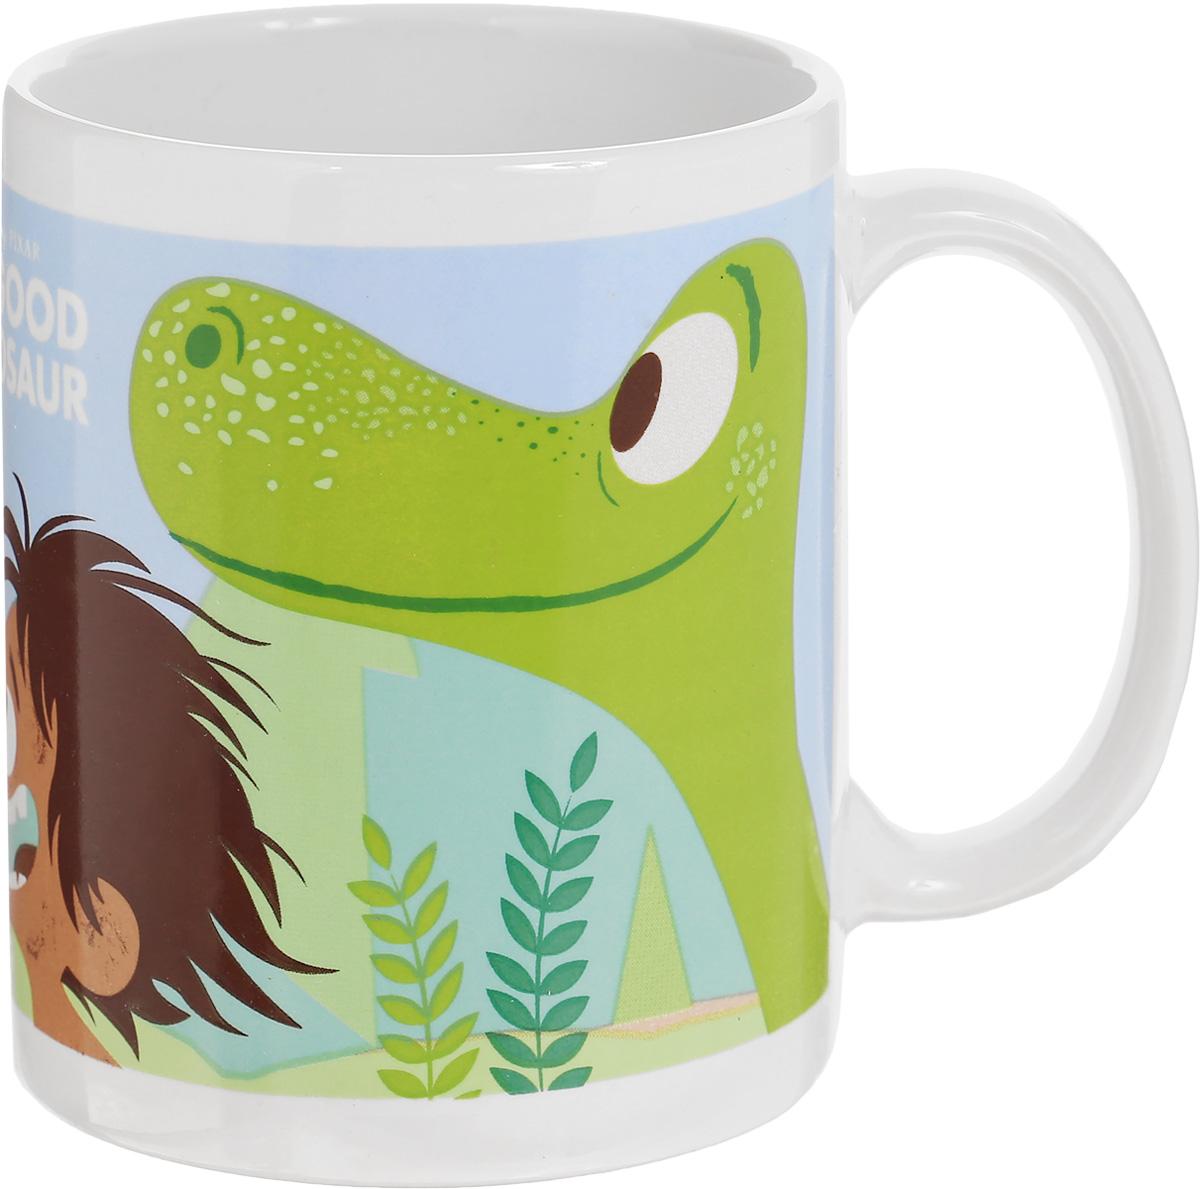 Stor Кружка детская Хороший динозавр 325 мл82005Детская кружка Stor Хороший динозавр с любимыми героями известного мультика станет отличным подарком для вашего ребенка. Она выполнена из керамики и оформлена красочным изображением. Кружка дополнена удобной ручкой. Такой подарок станет не только приятным, но и практичным сувениром: кружка будет незаменимым атрибутом чаепития, а ее оригинальное оформление добавит ярких эмоций и хорошего настроения. Можно использовать в СВЧ-печи. Можно мыть в посудомоечной машине.